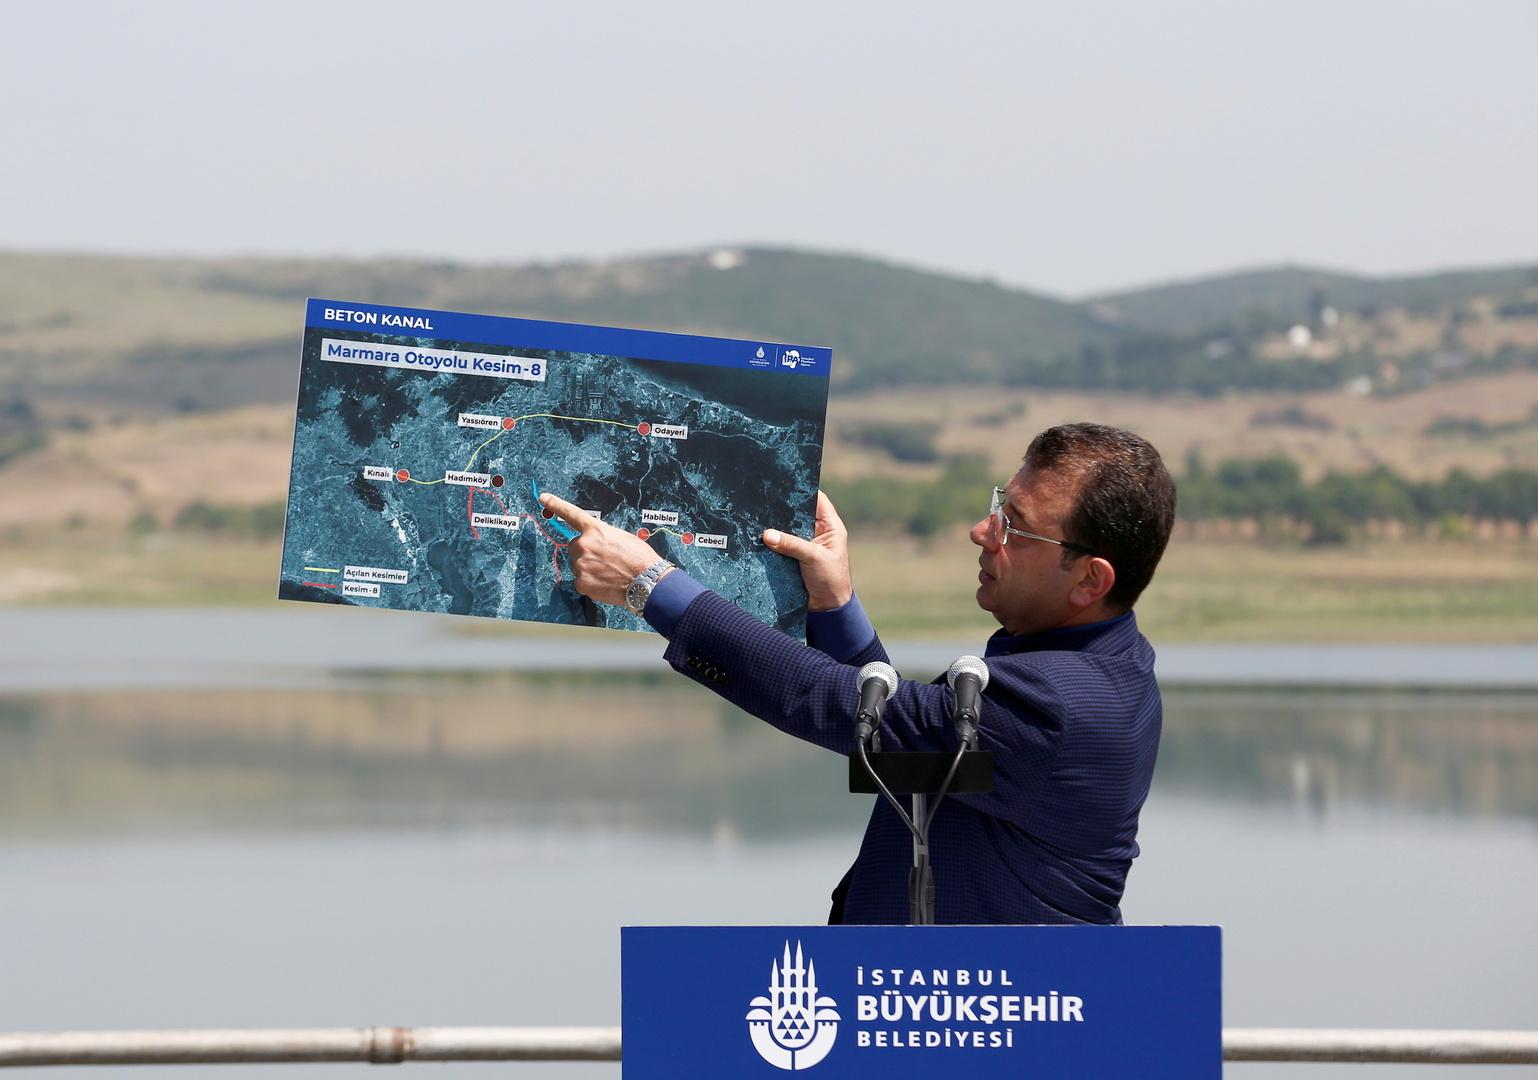 أردوغان: قناة اسطنبول مشروع لإنقاذ مستقبل المدينة وصفحة جديدة في تاريخ تنمية تركيا